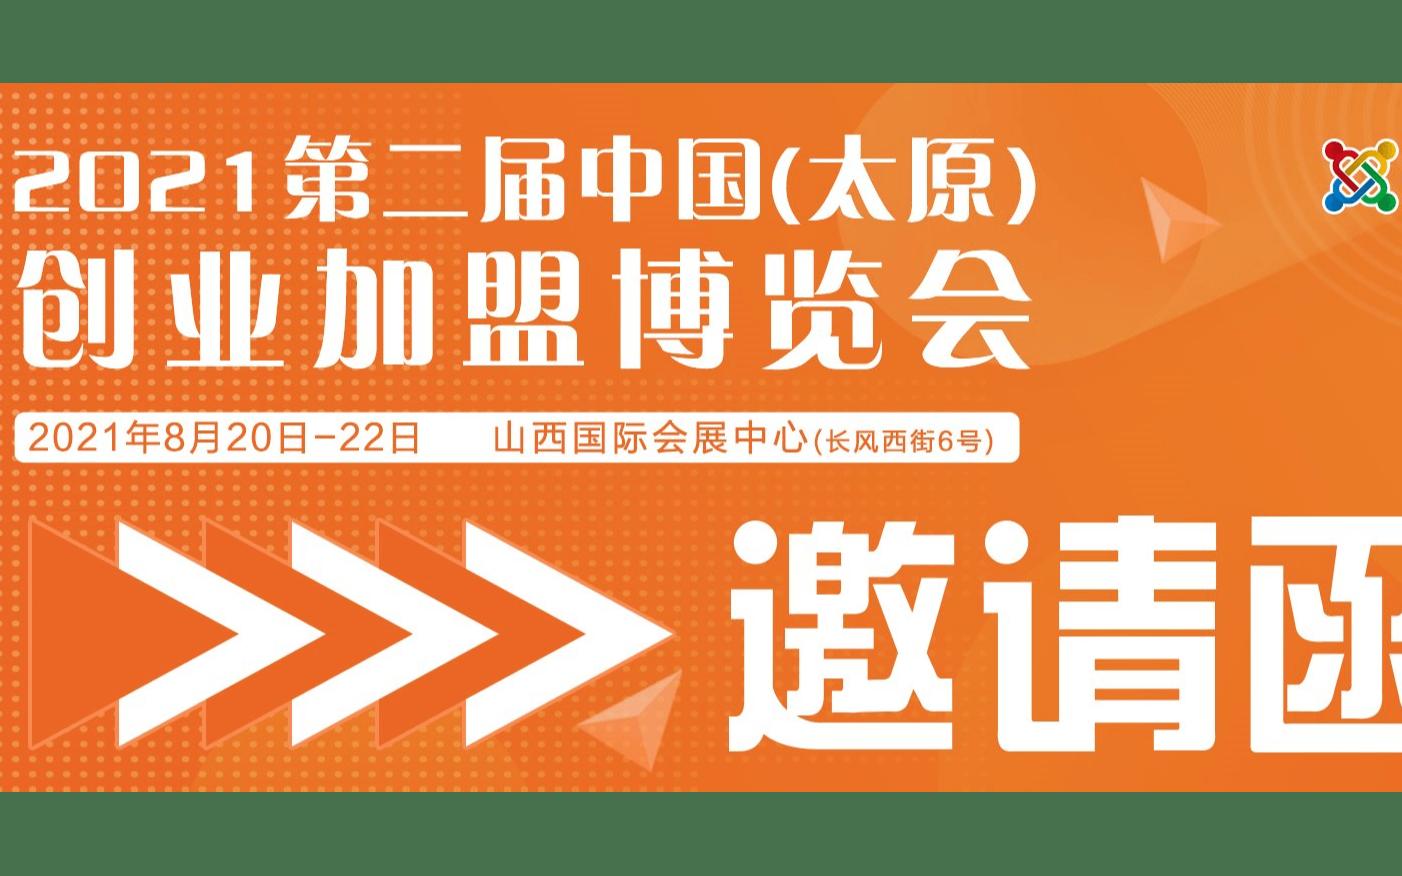 2021山西创业加盟展